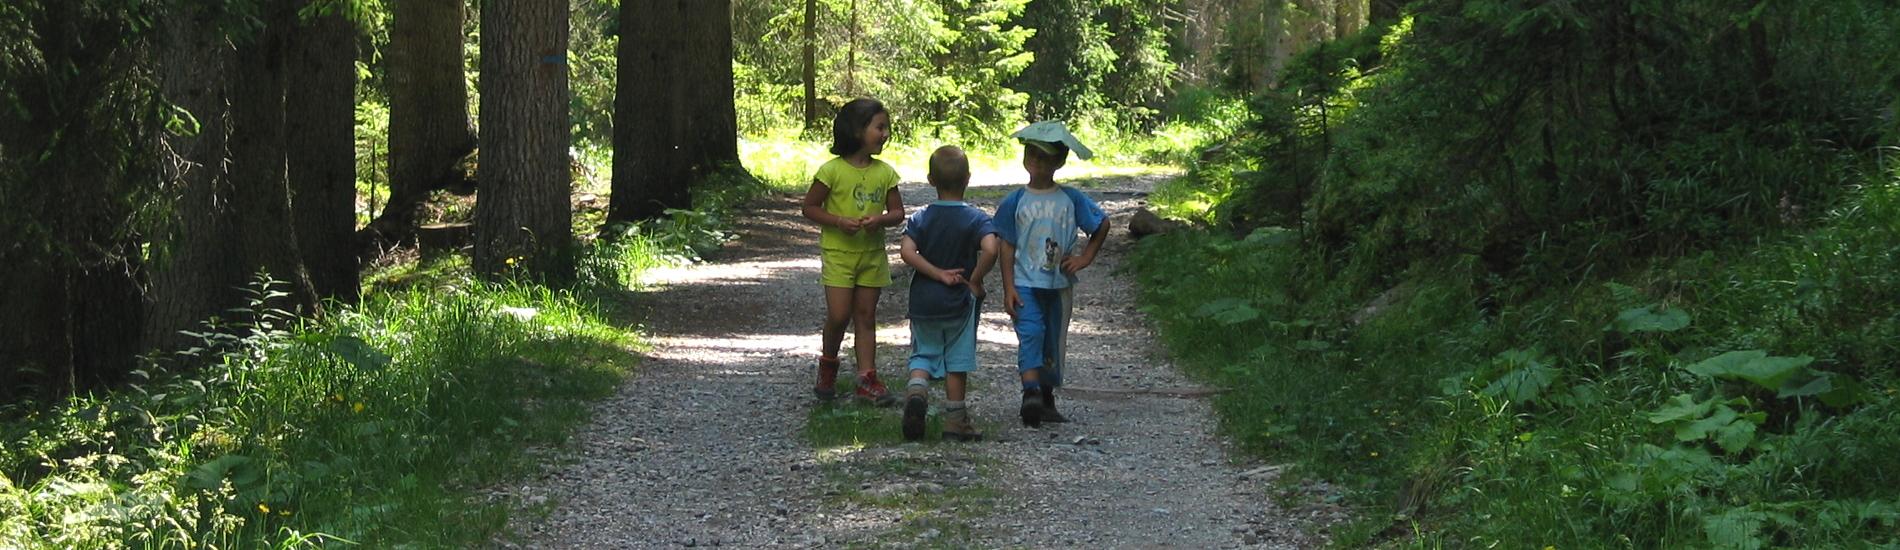 Vacanze con Bambini in Trentino Alto Adige